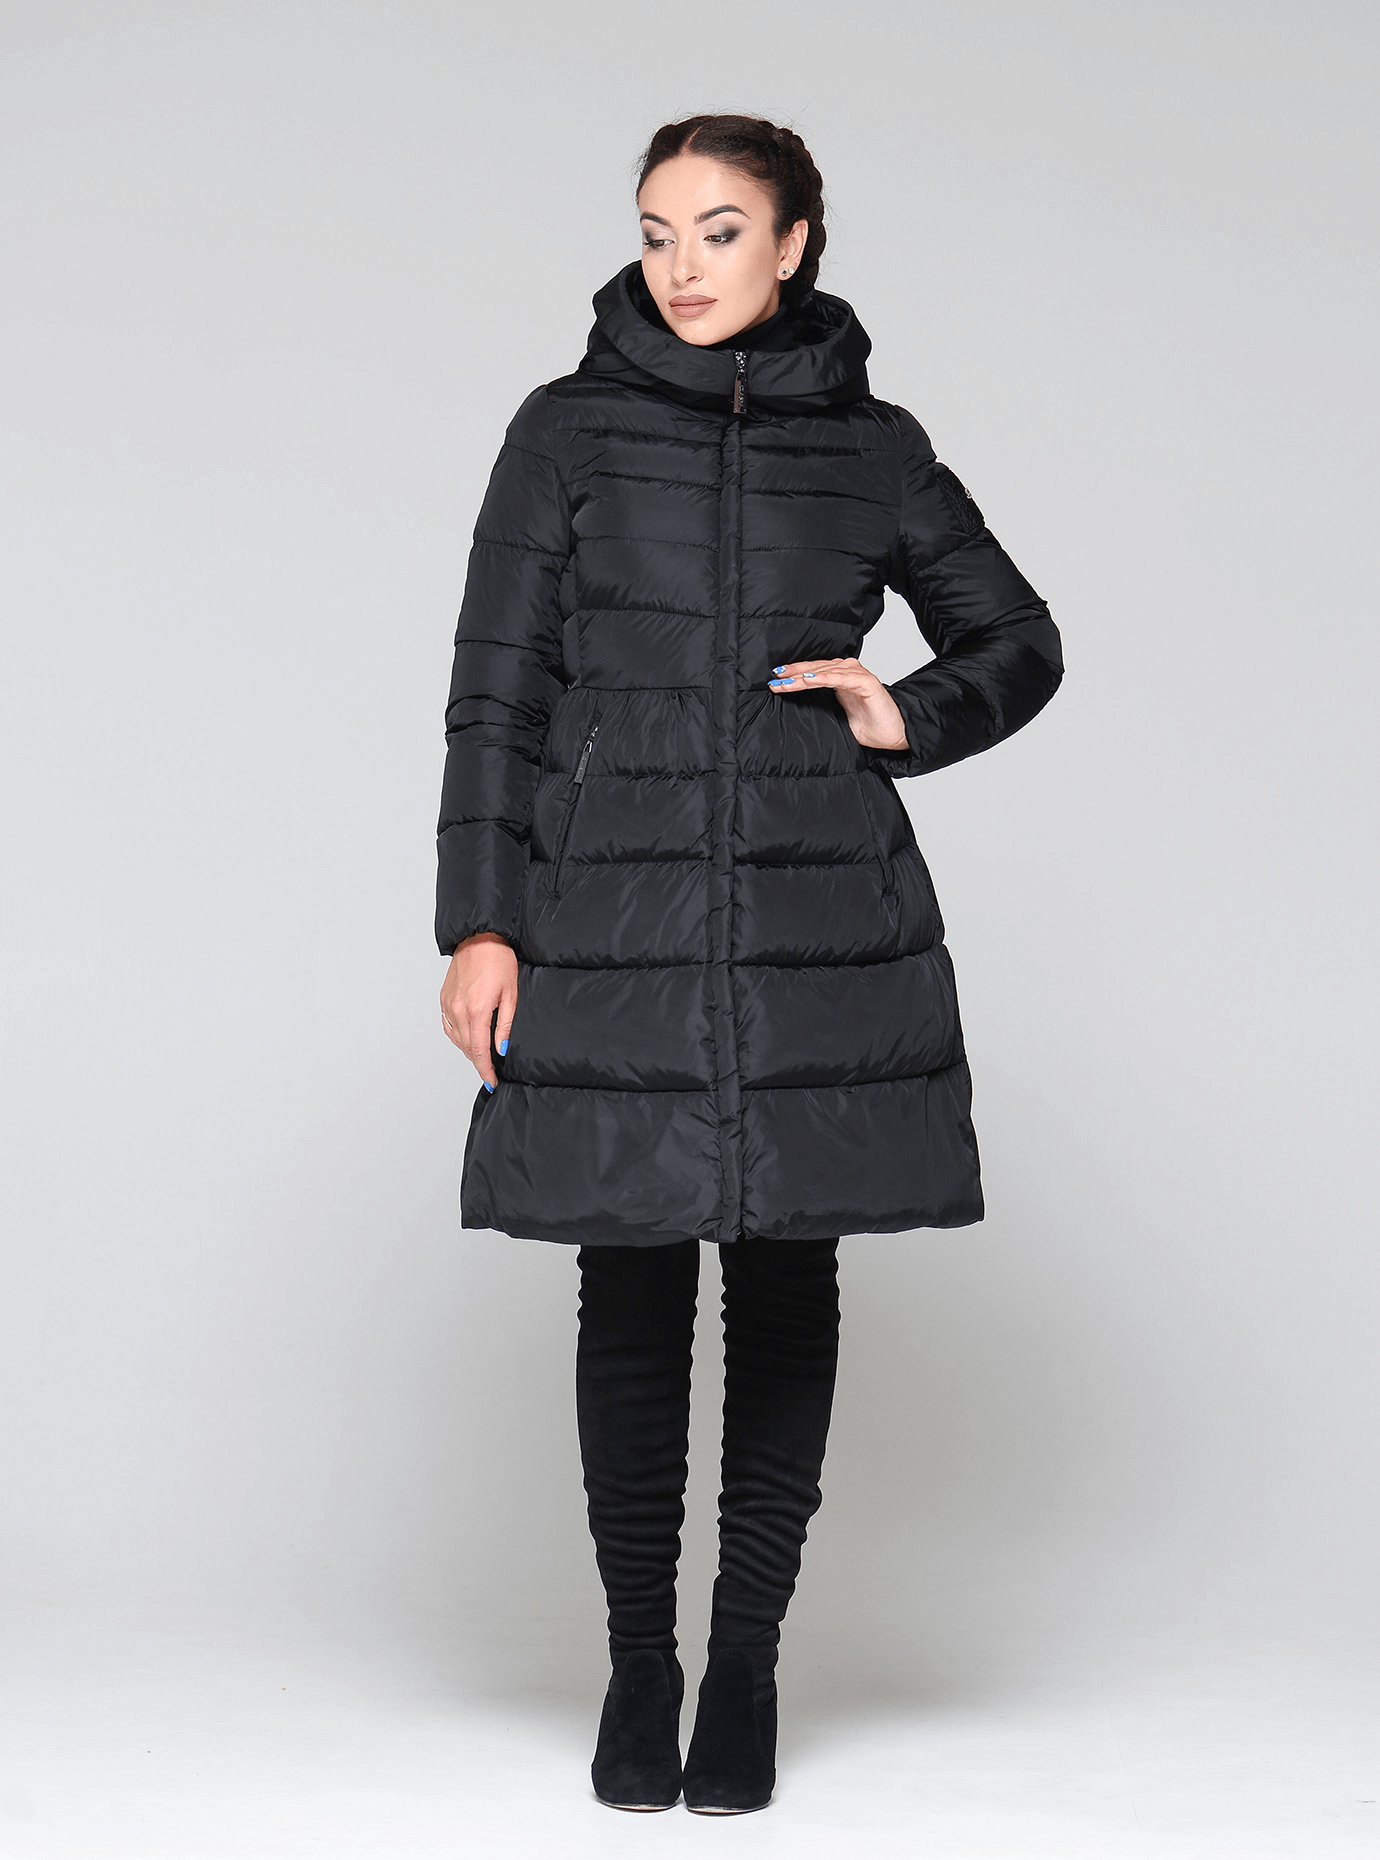 Куртка зимняя женская высокий воротник Чёрный S (02-CR170262): фото - Alster.ua